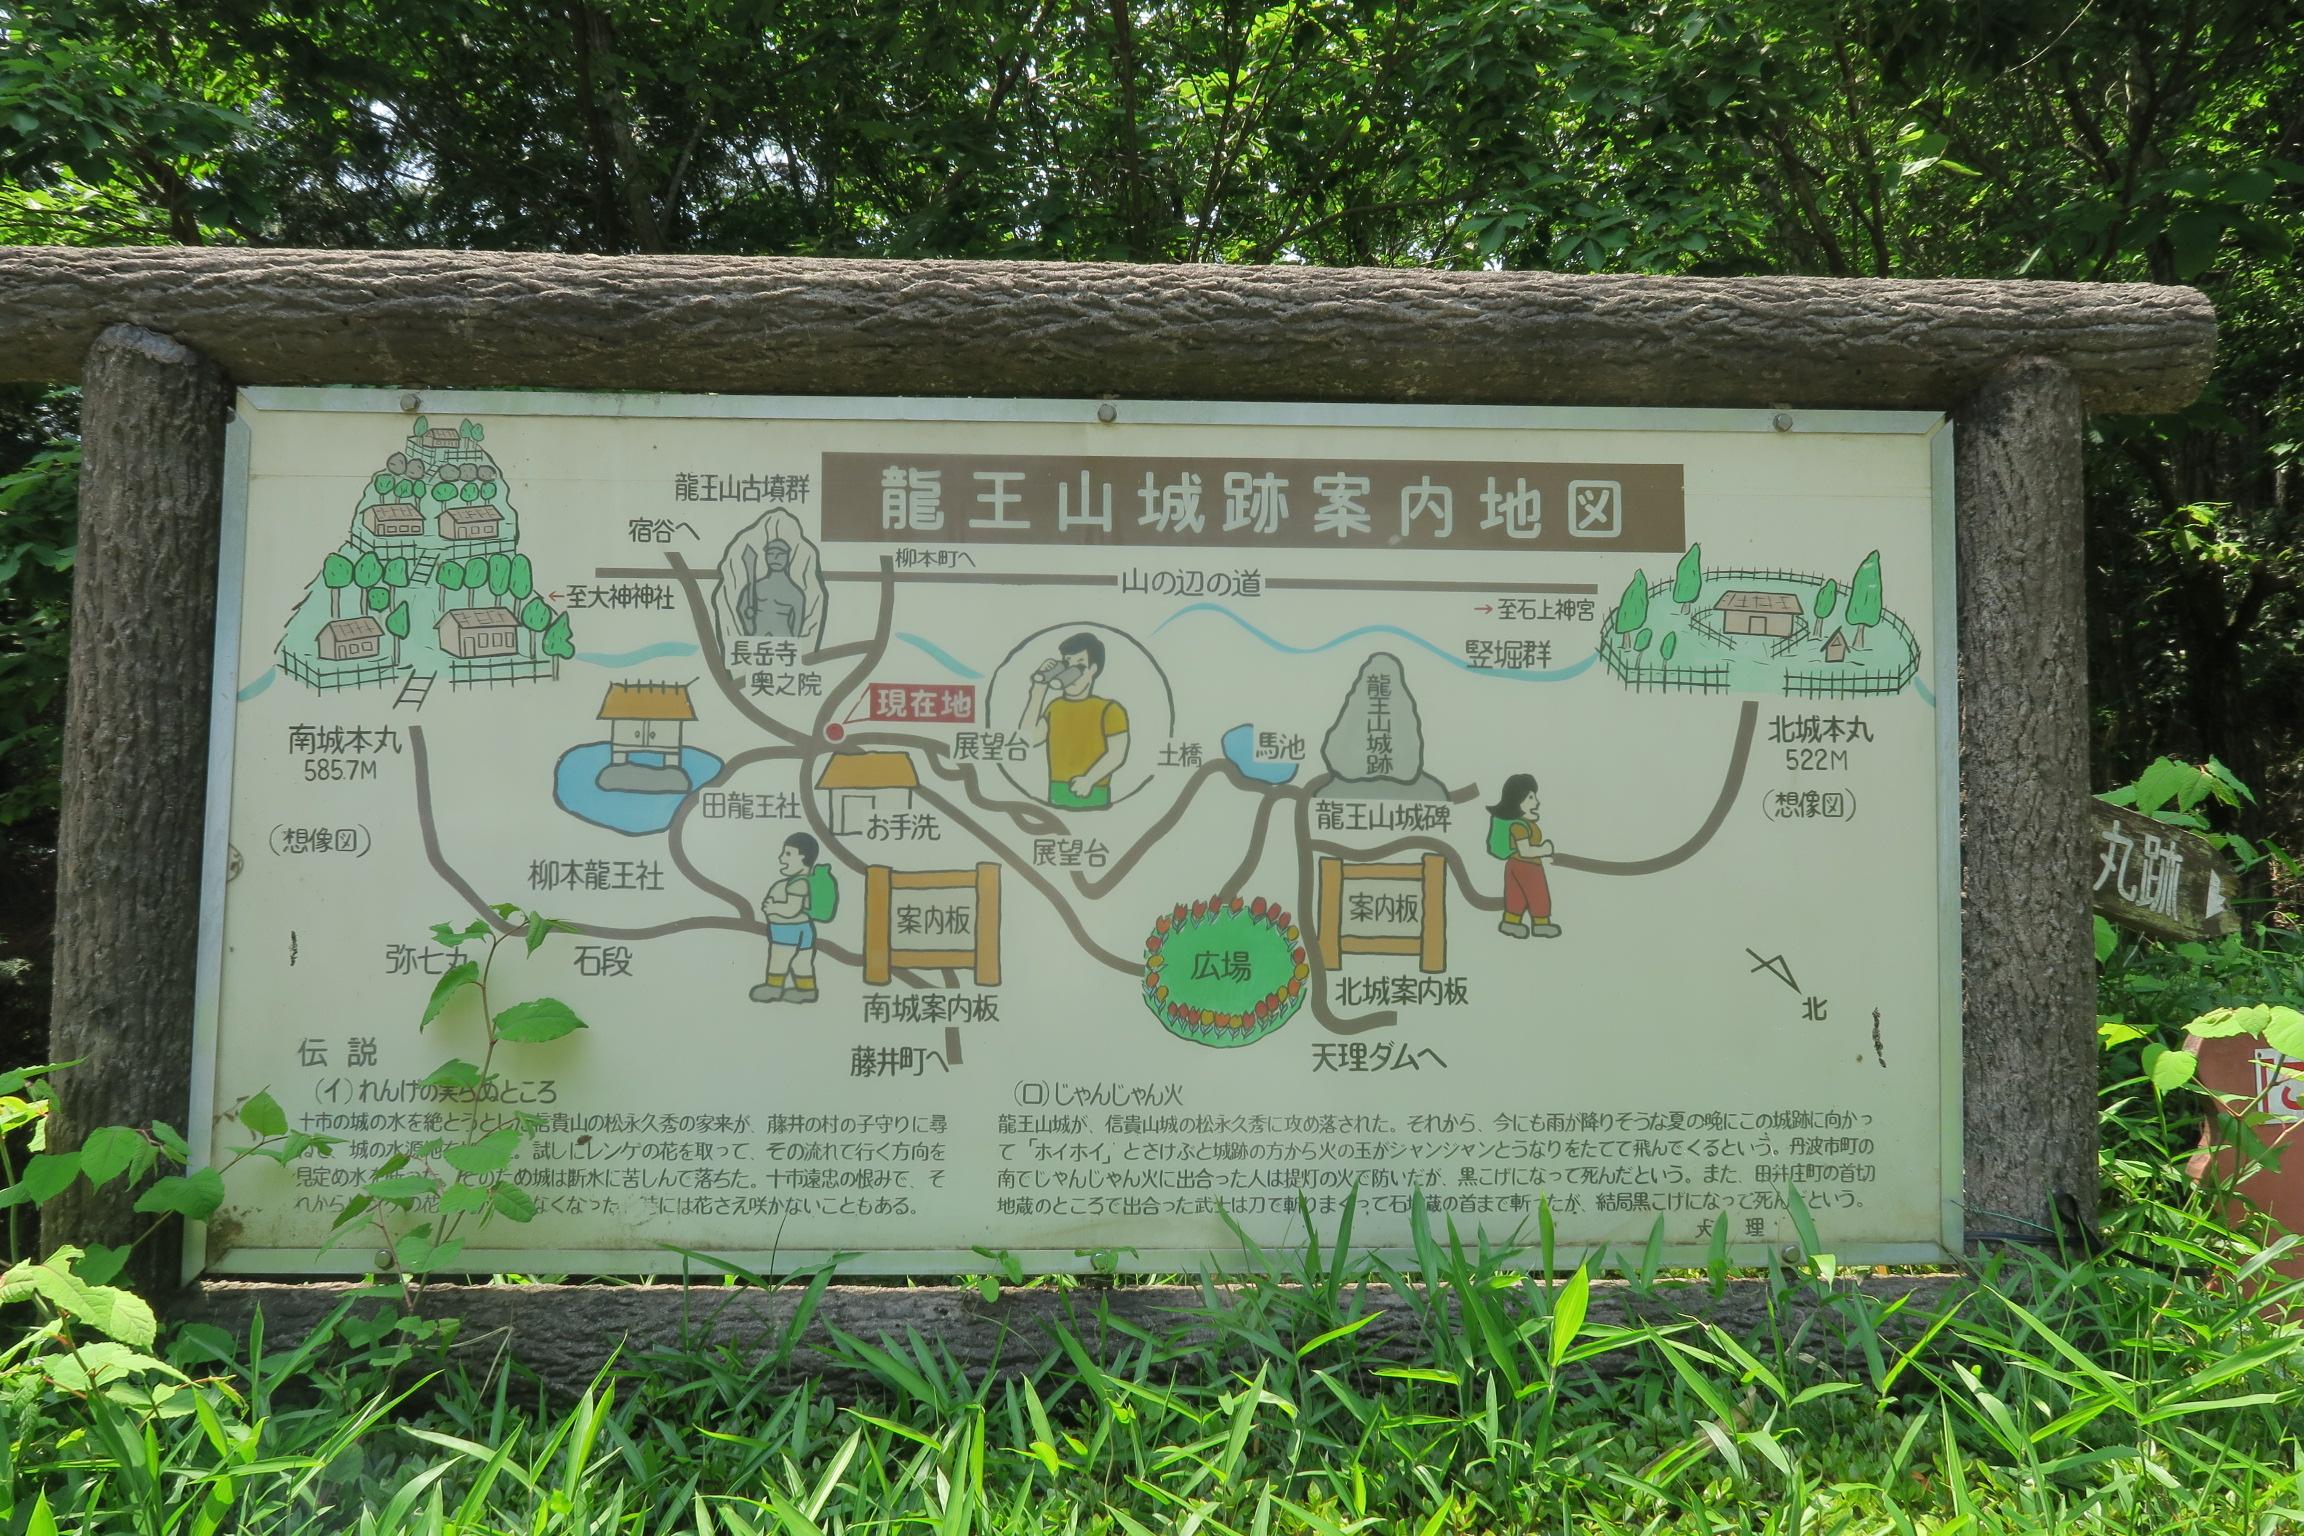 龍王山城跡の案内図。地図の無い方は、スマホかデジカメで撮っておくとよいかも。